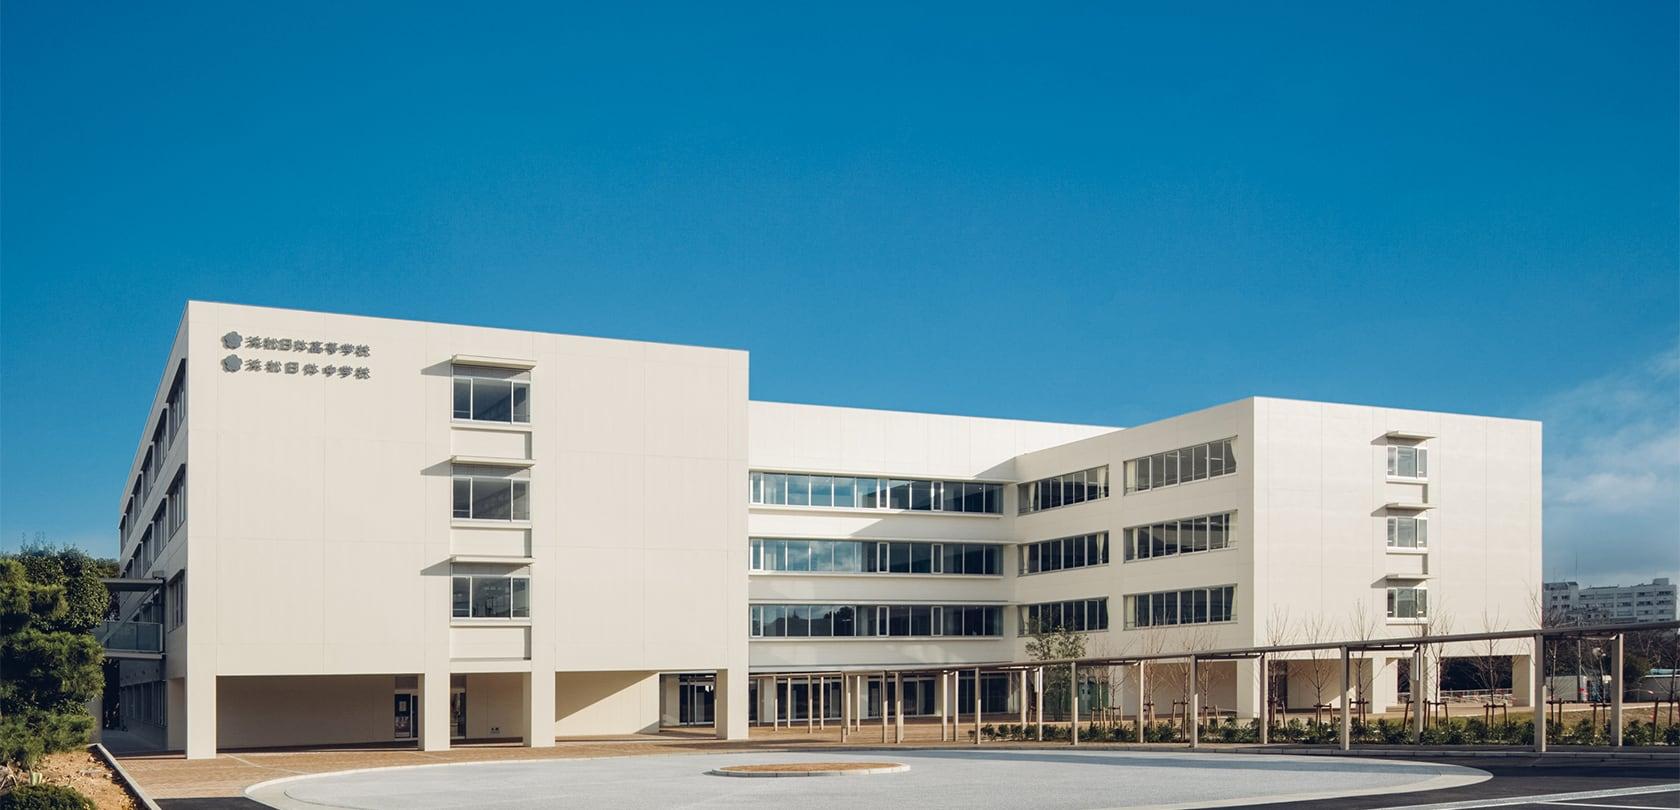 明治大学中野キャンパス整備計画 CM業務